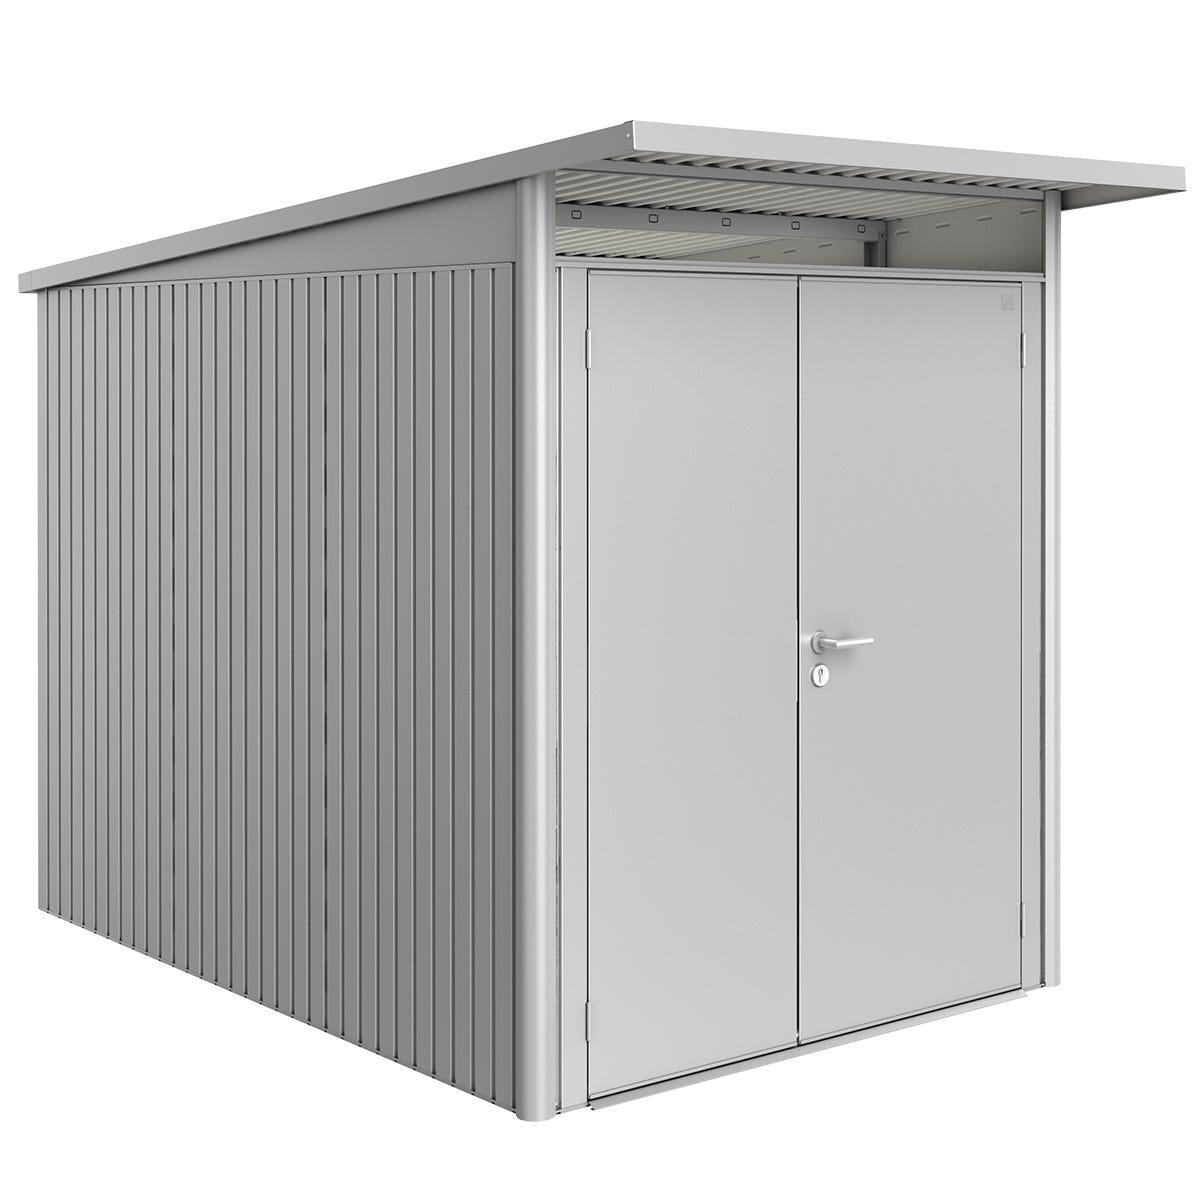 Biohort AvantGarde Metal Shed A3 Double door 5' 9'' x 9' 8'' - Metallic Silver